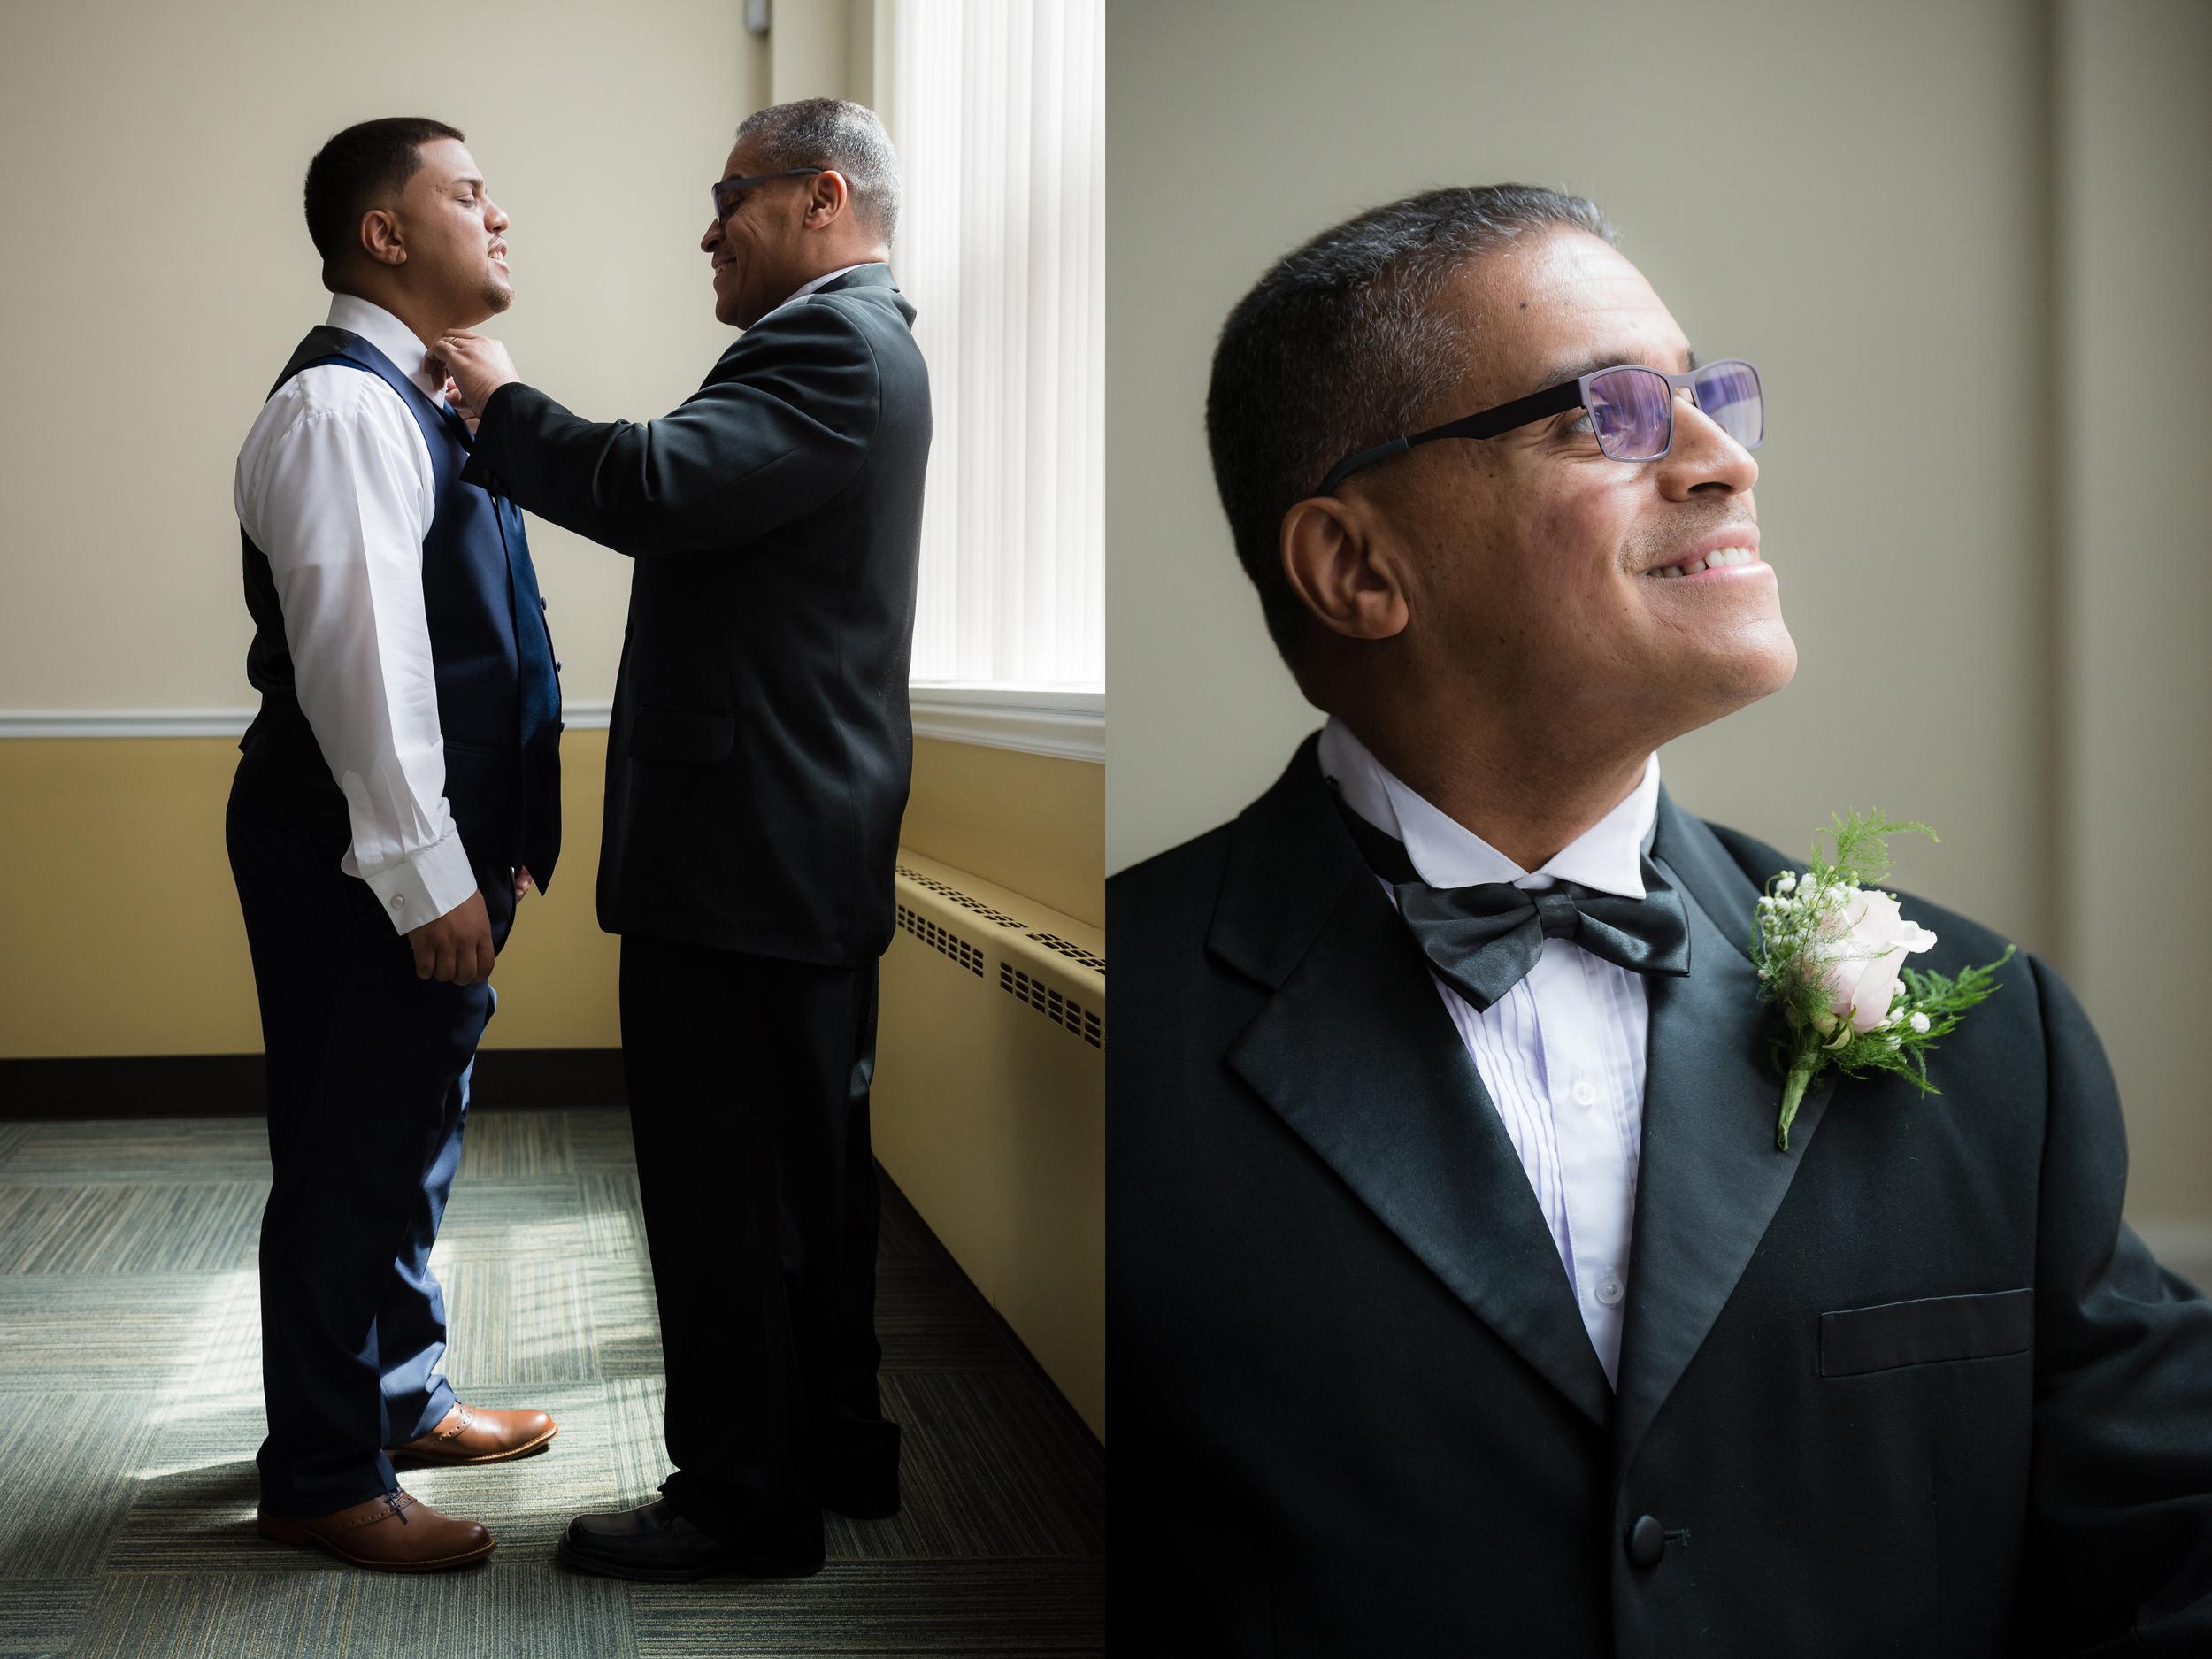 Isela-Josh-Wedding-Garcia-Photography-3567-3856.jpg